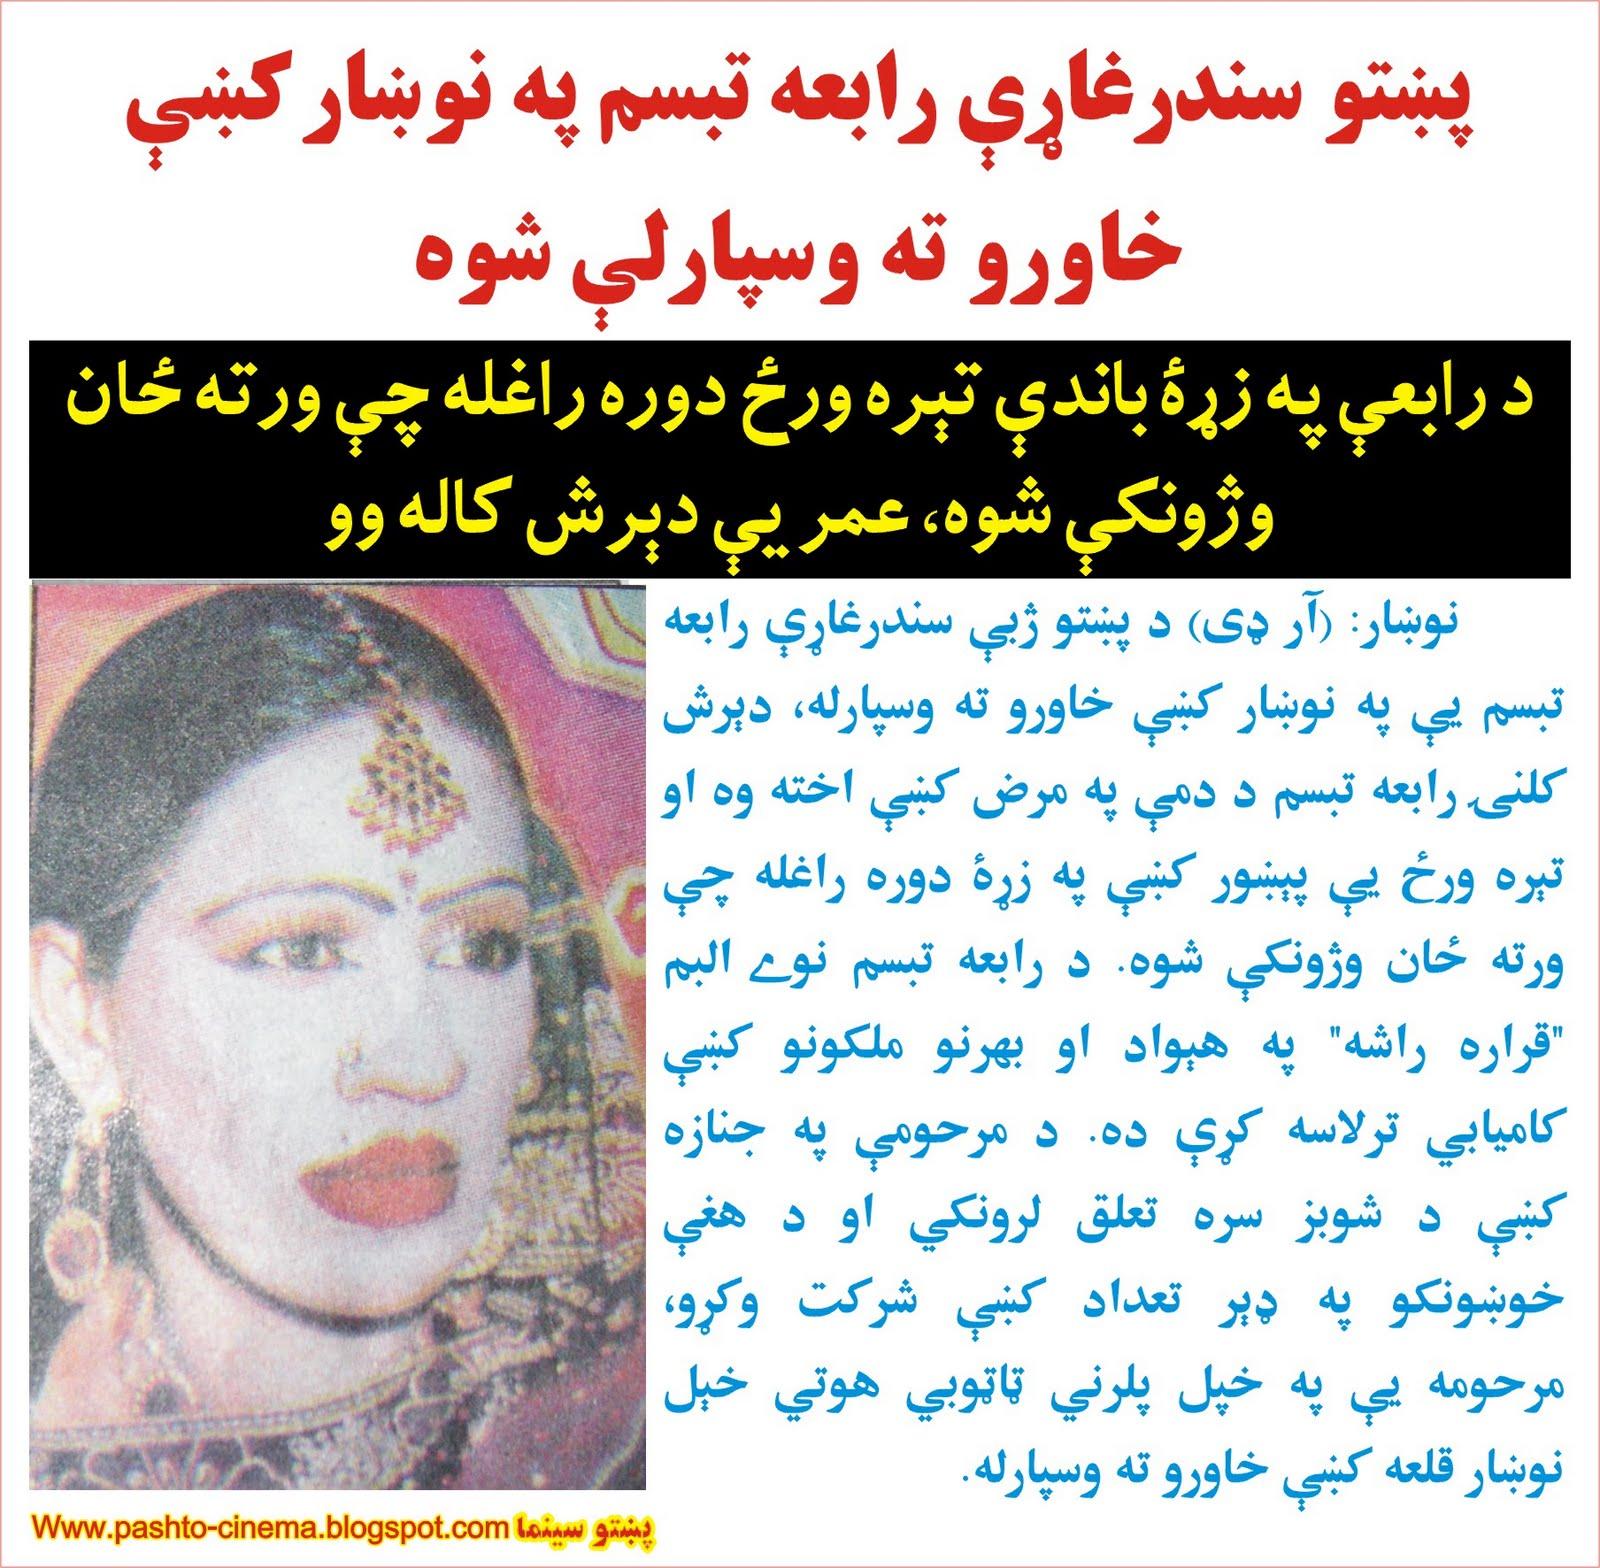 Pashto Sixe